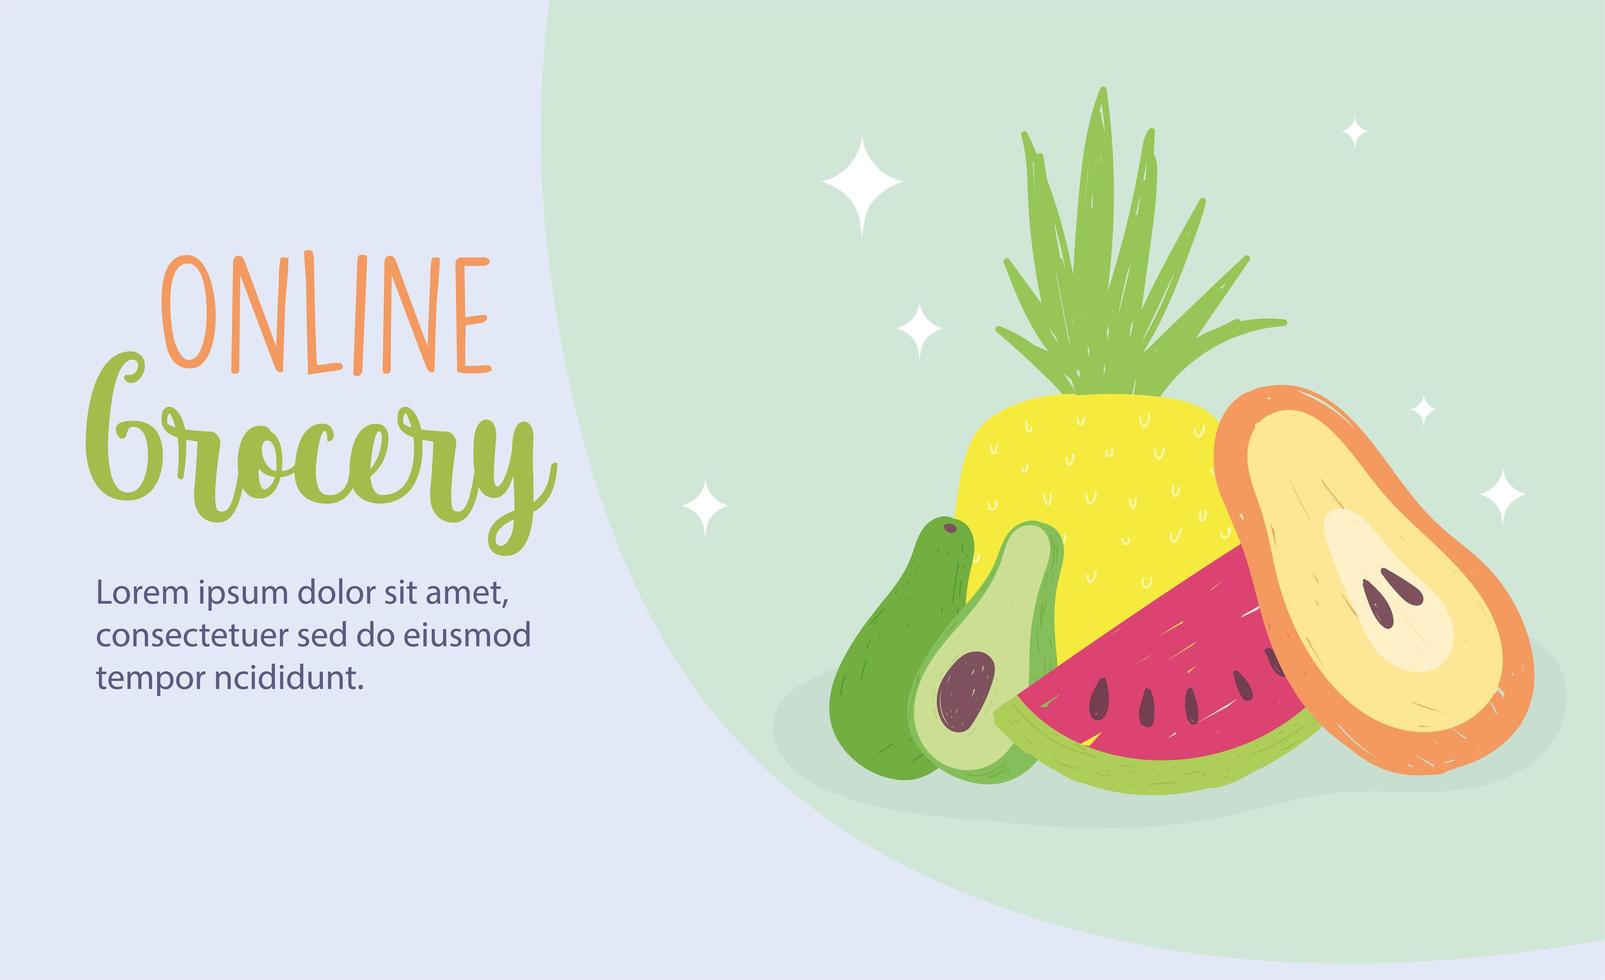 Online-Markt. Frischobst Lebensmittelgeschäft nach Hause Lieferung vektor